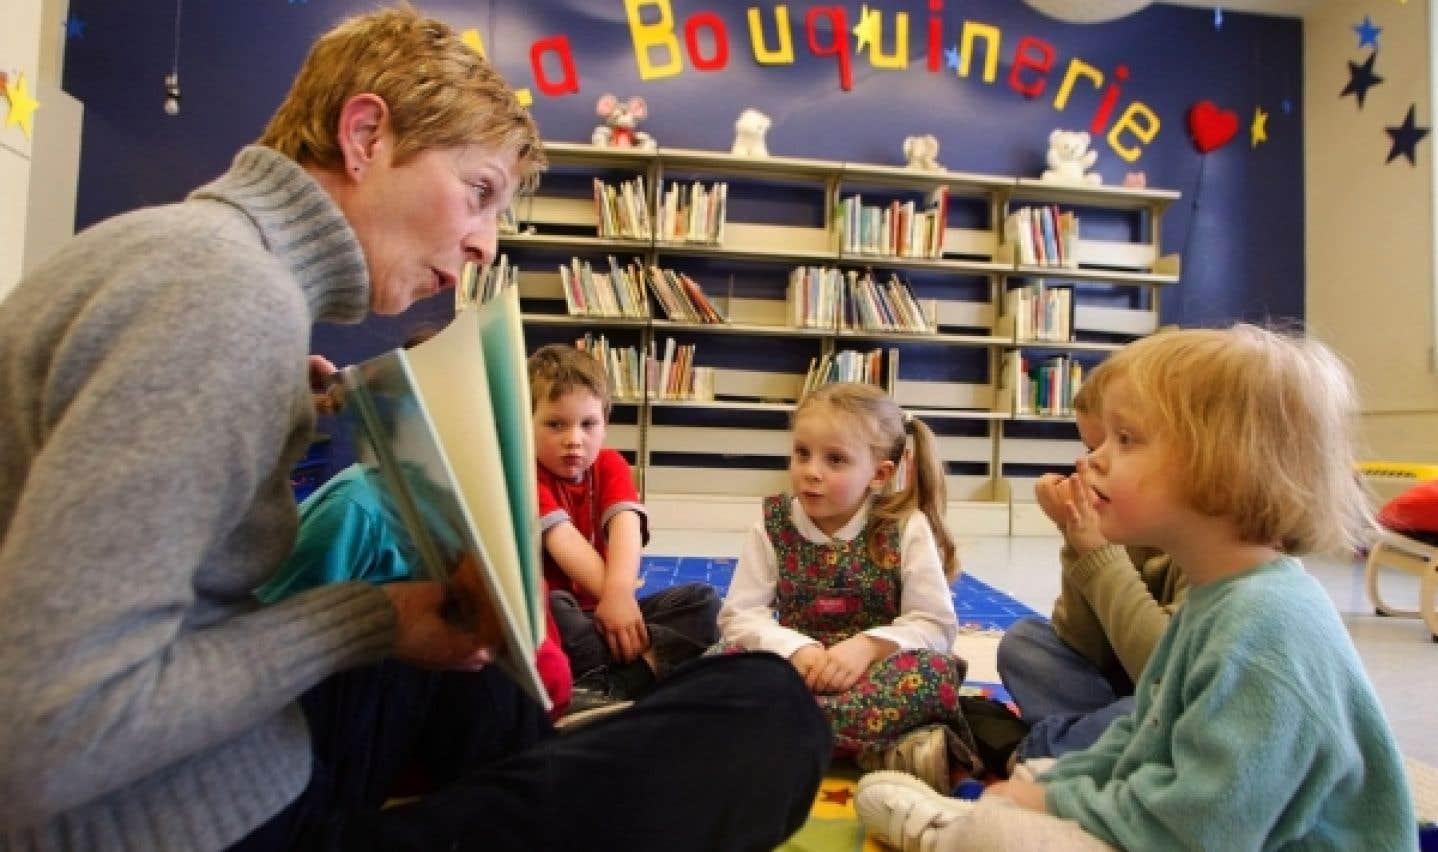 Prévenir les difficultés d'apprentissage en lecture dès la maternelle permet de réduire le décrochage scolaire.